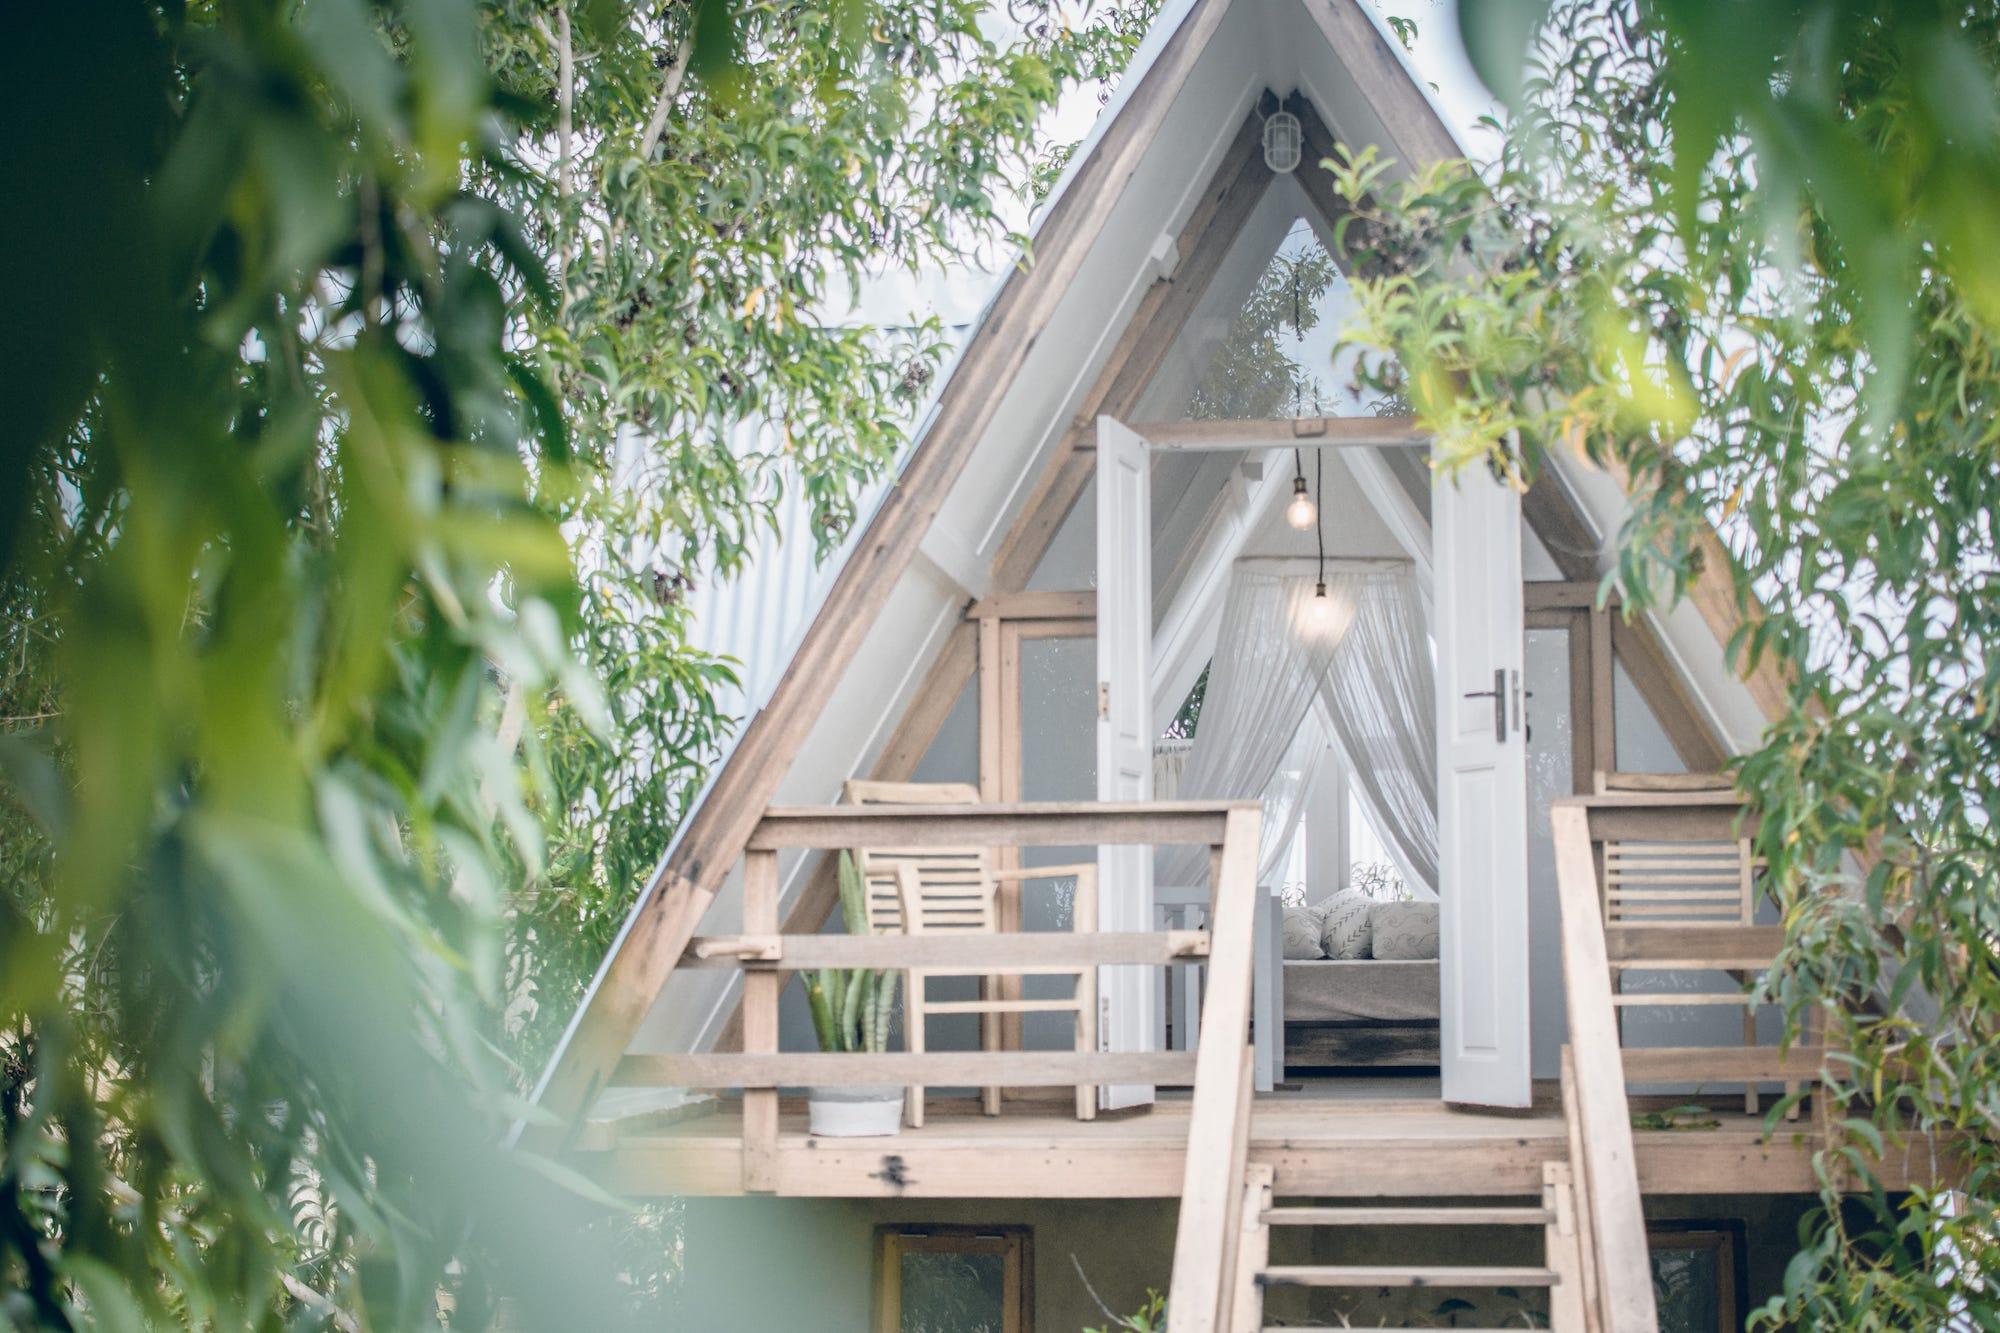 treehouse outside door open 2.jpg